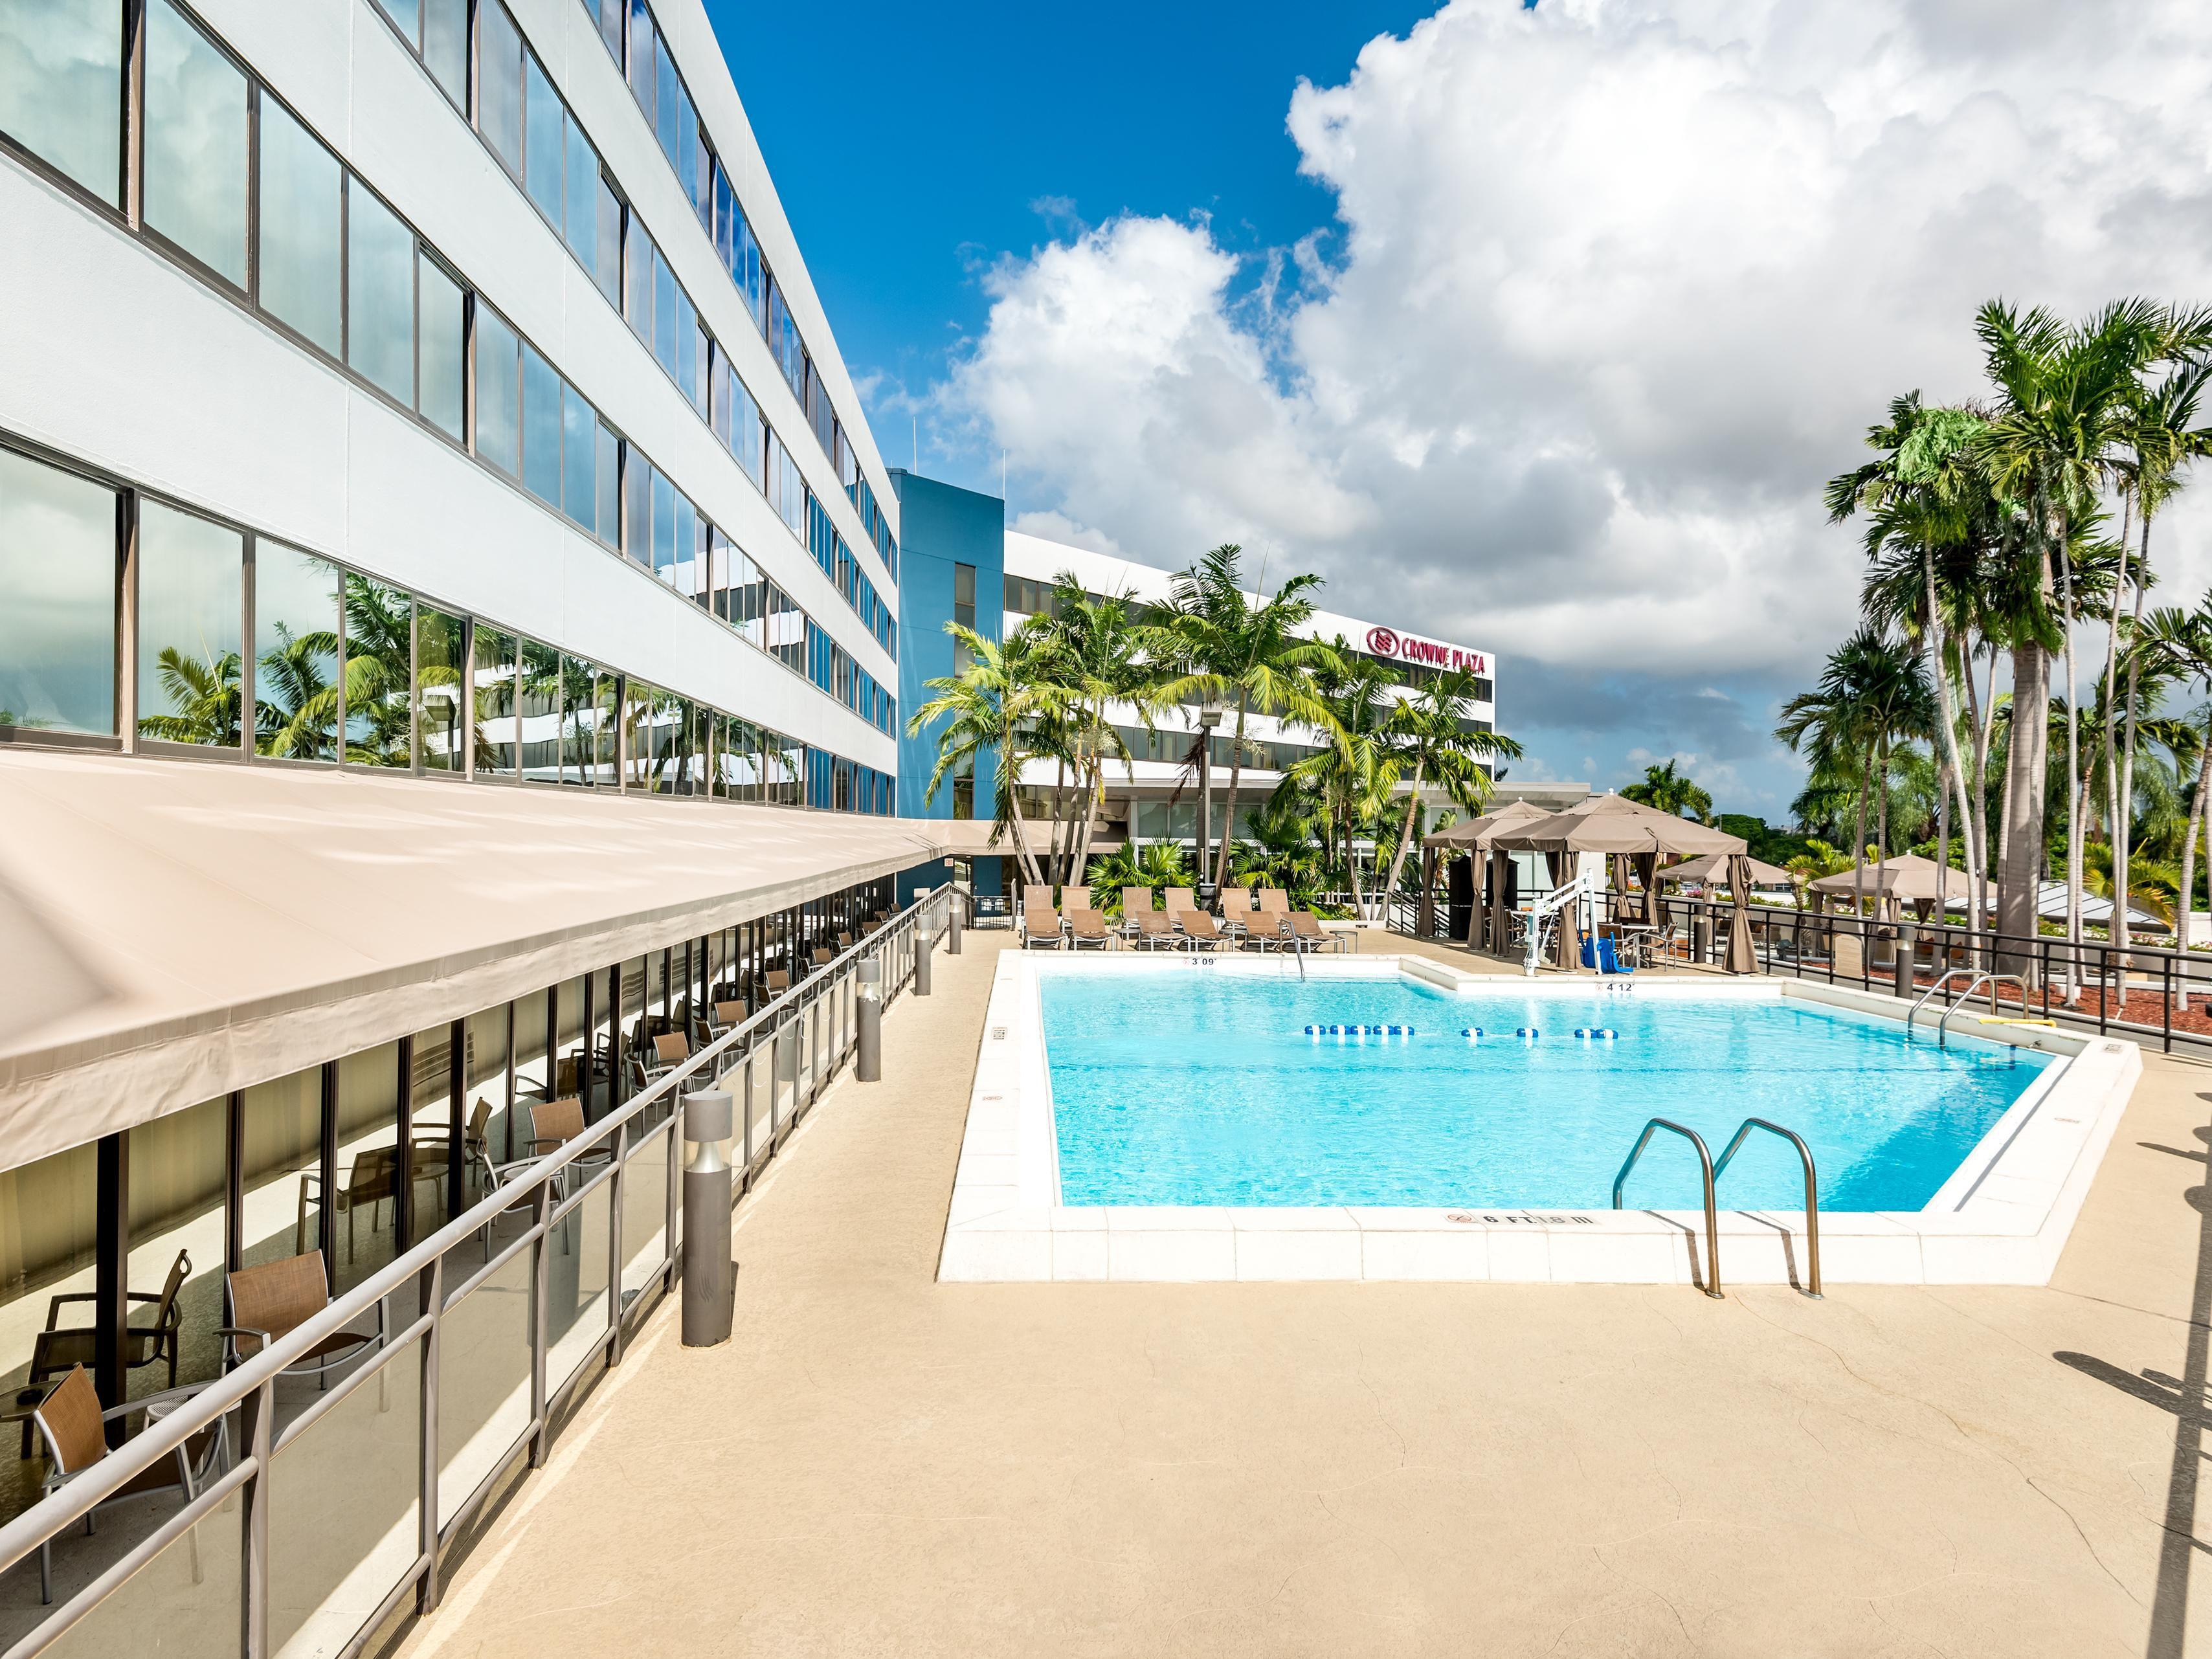 Crowne Plaza Miami Airport Gesundheits Und Fitnesseinrichtungen